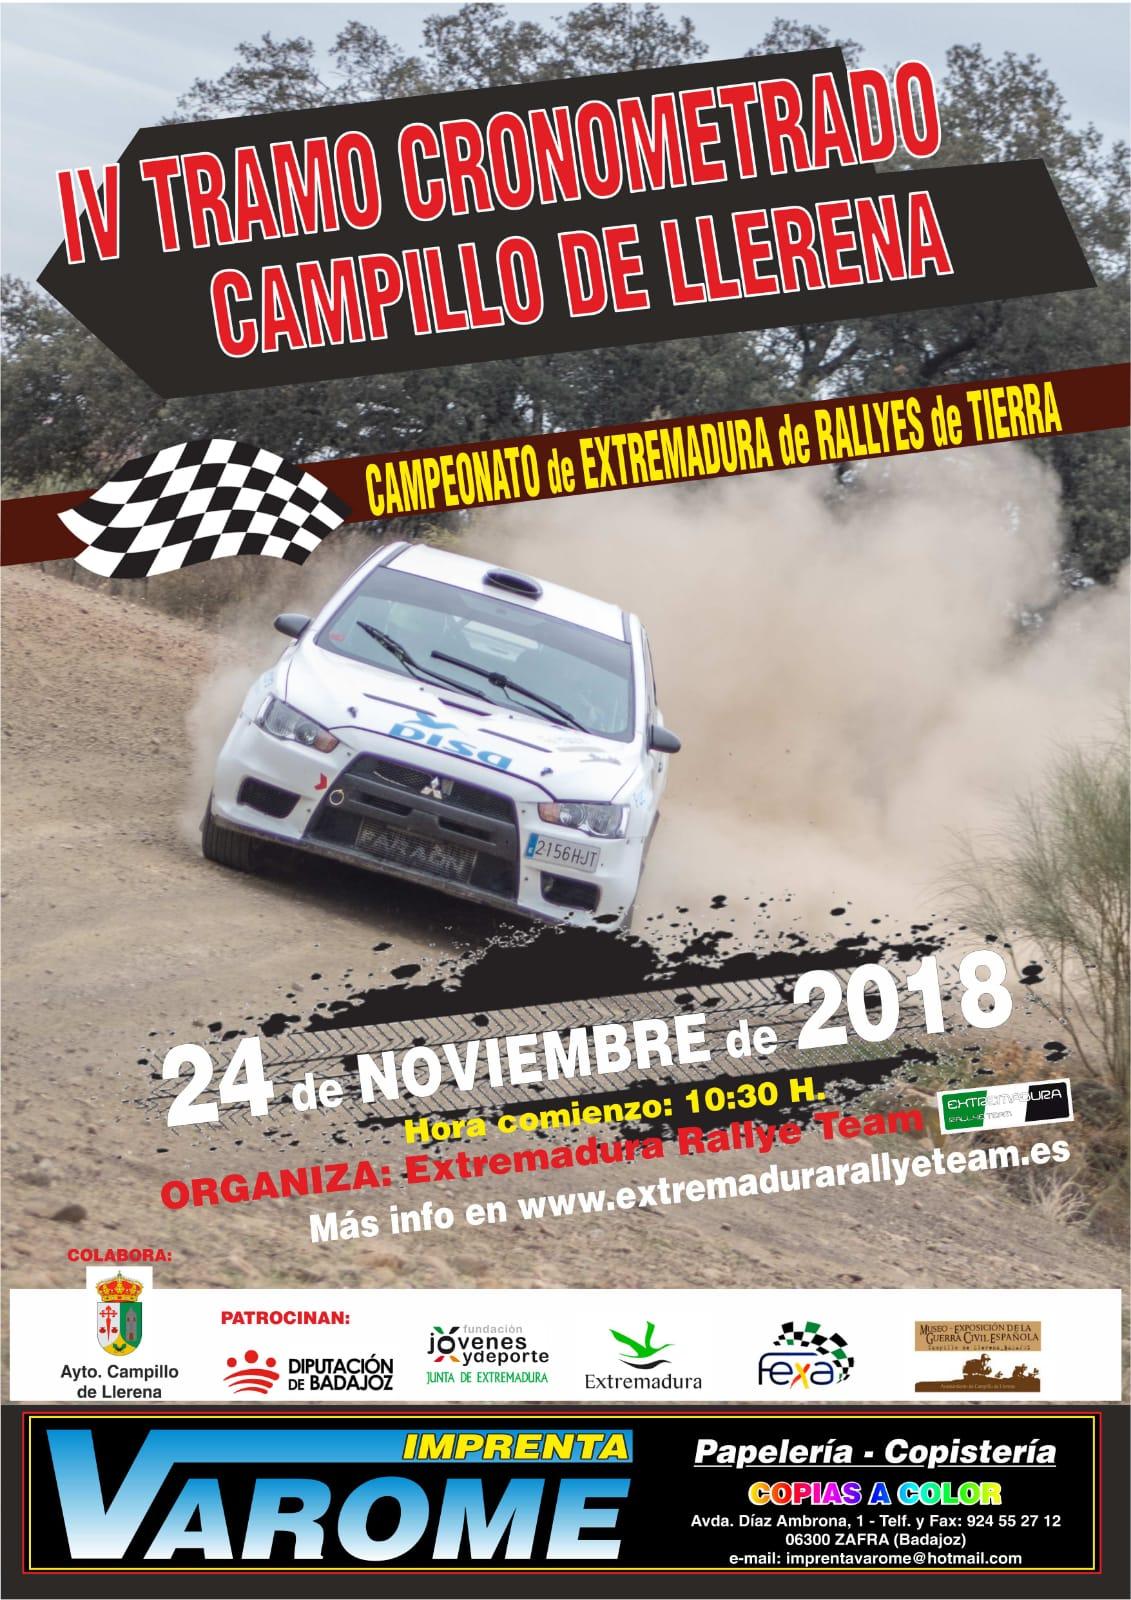 El Extremadura Rallye Team organizará el IV Tramo Cronometrado Campillo de Llerena